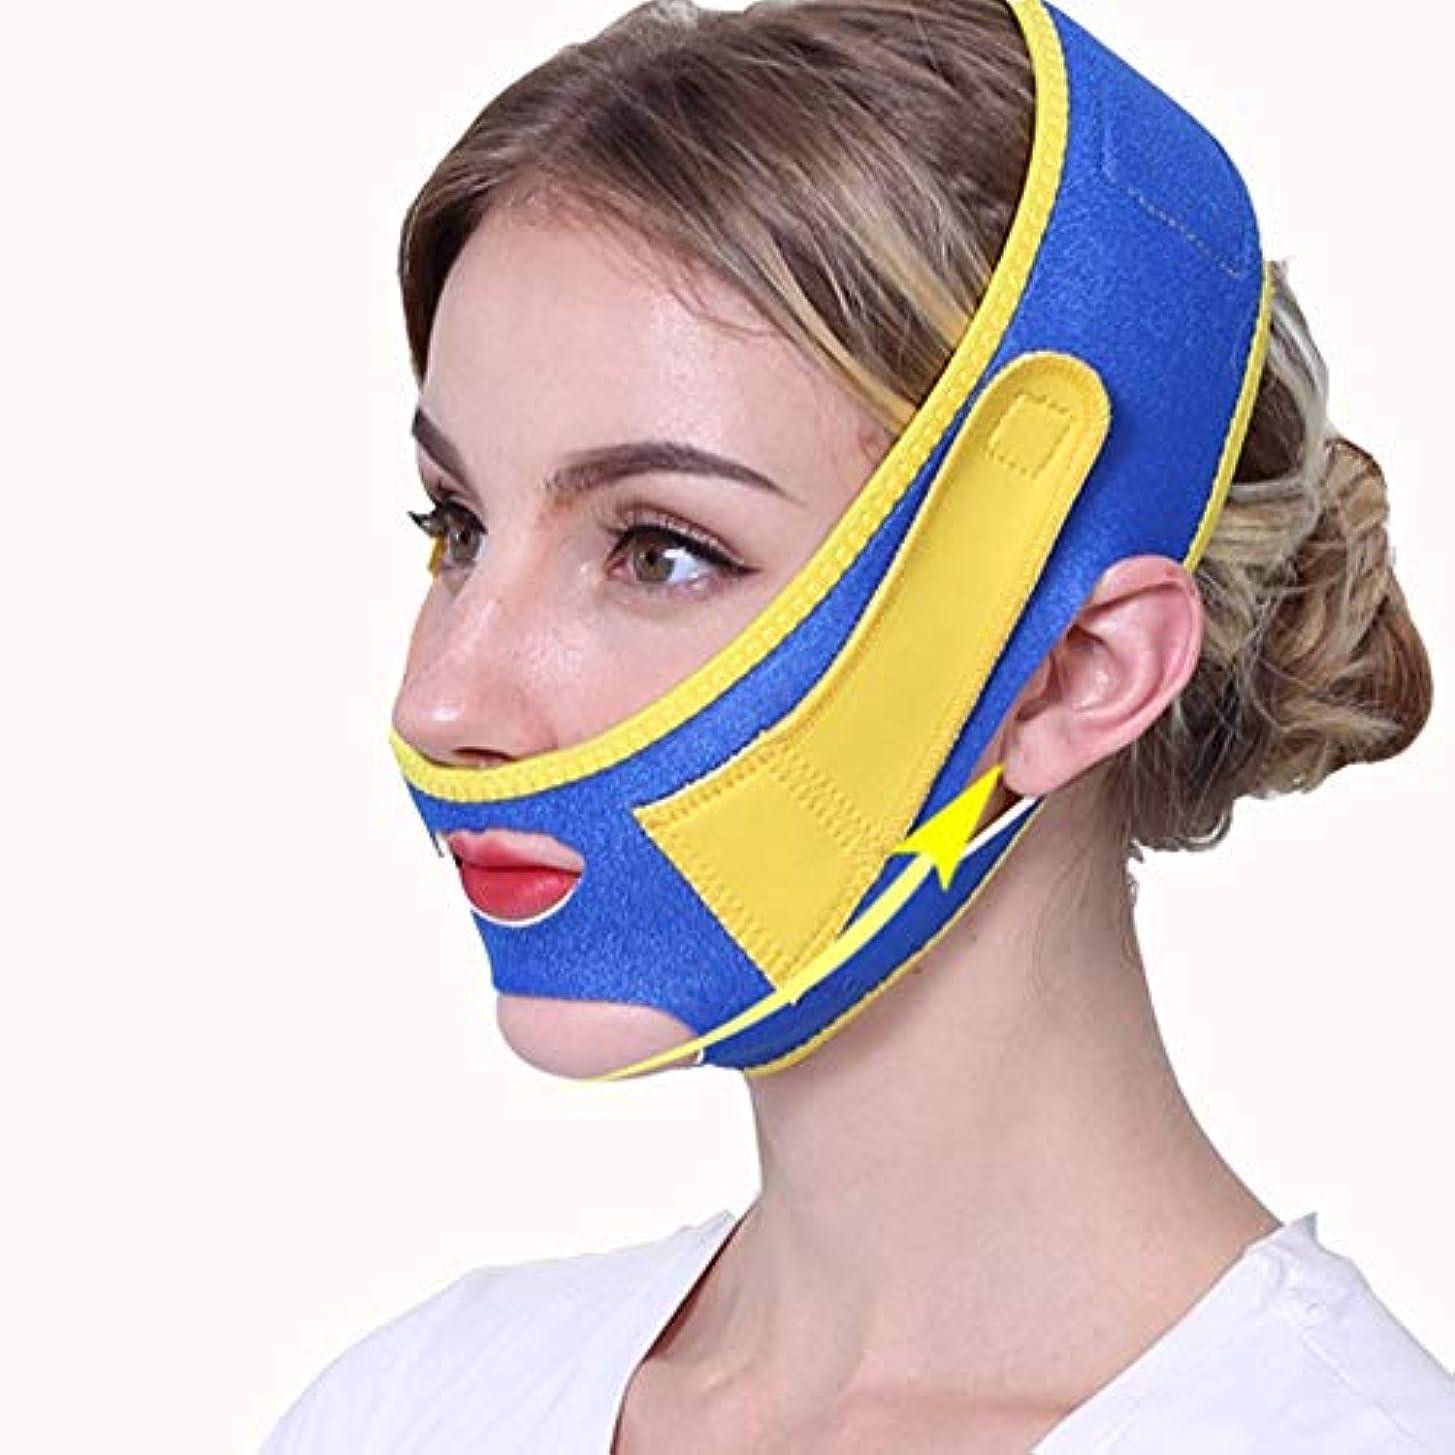 フラップ故国予知Minmin フェイシャルリフティング痩身ベルトフェイス包帯マスク整形マスクフェイスベルトを引き締める薄型フェイス包帯整形マスクフェイスと首の顔を引き締めスリム みんみんVラインフェイスマスク